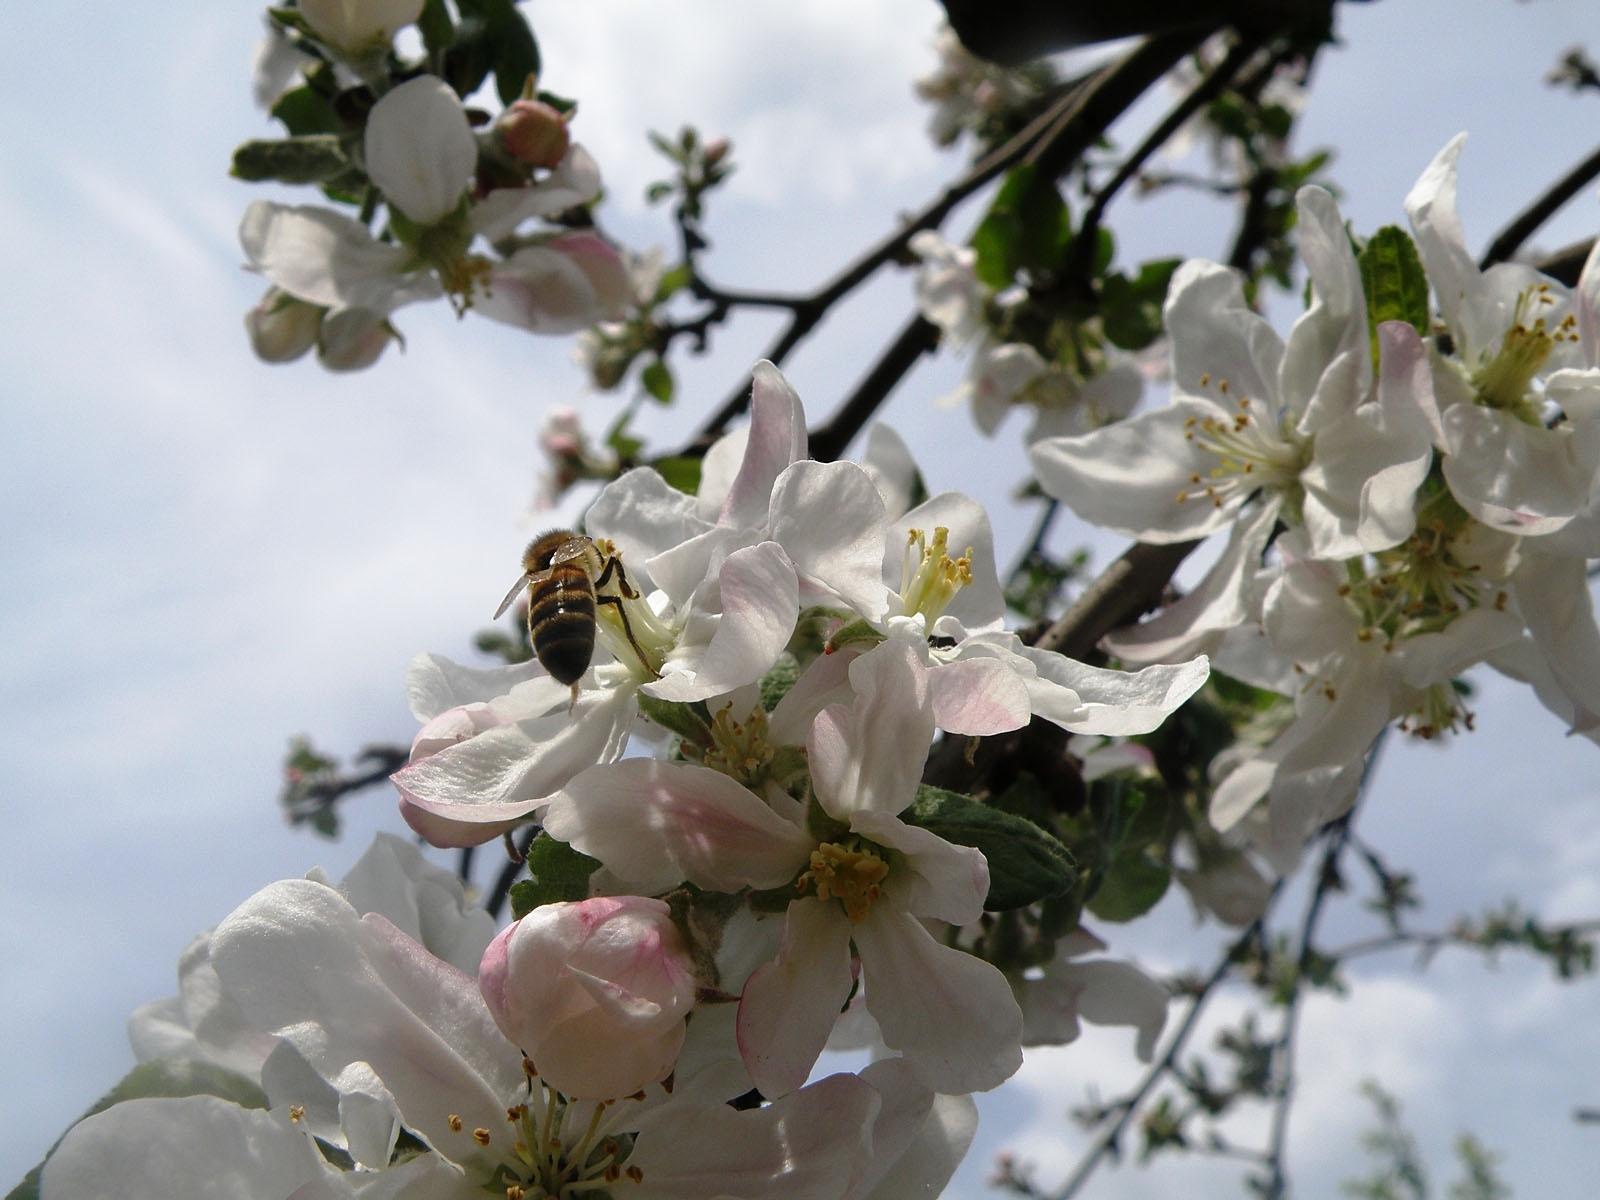 55 Hintergrundbild herunterladen Pflanzen, Blumen, Kirsche, Insekten, Bienen - Bildschirmschoner und Bilder kostenlos